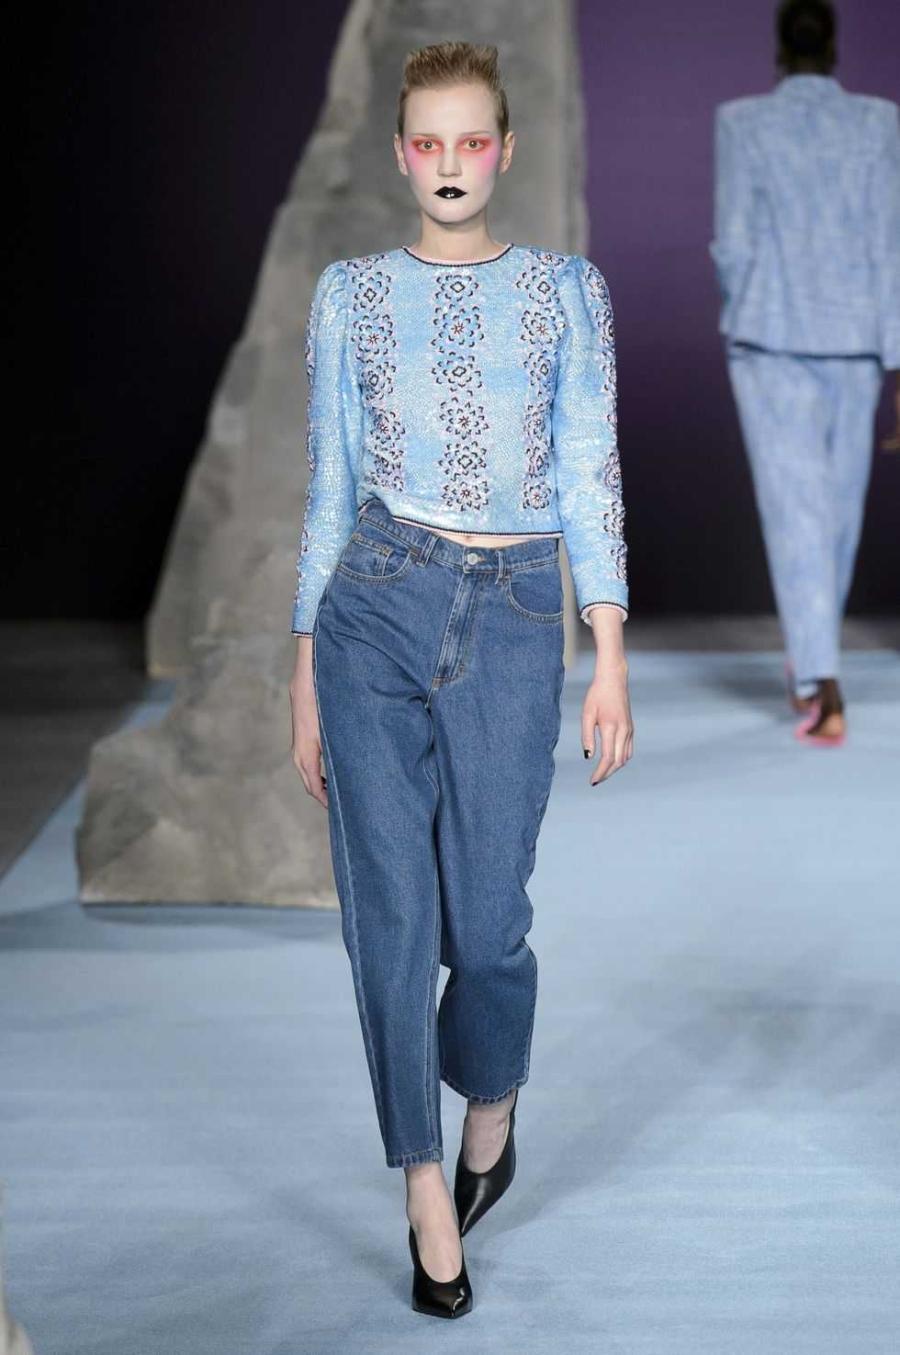 codice promozionale 52556 cb2c8 Pantaloni moda 2018 2019   Makeup Delight